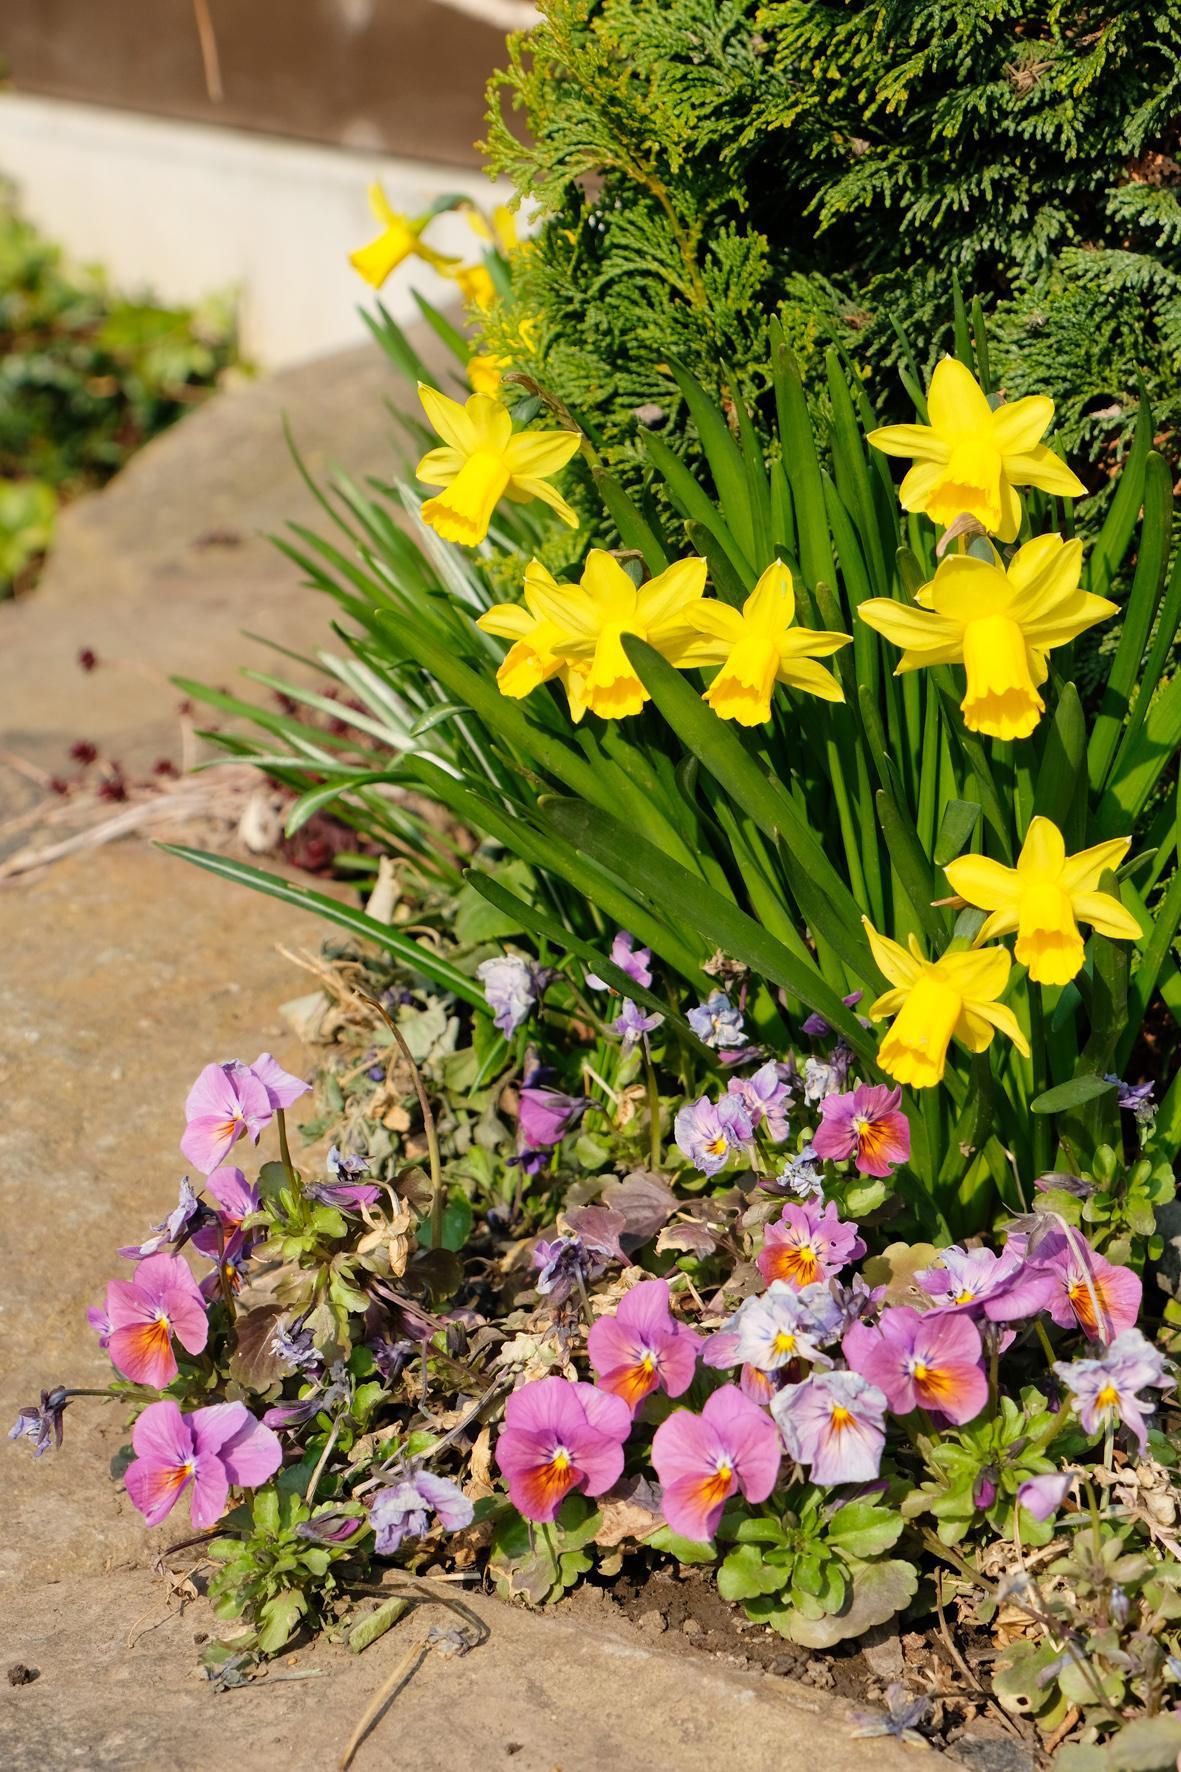 Naša záhradka 2020 - Tu ešte stále narcisky a pod nimi maceŠky, sadené ešte na podzim.